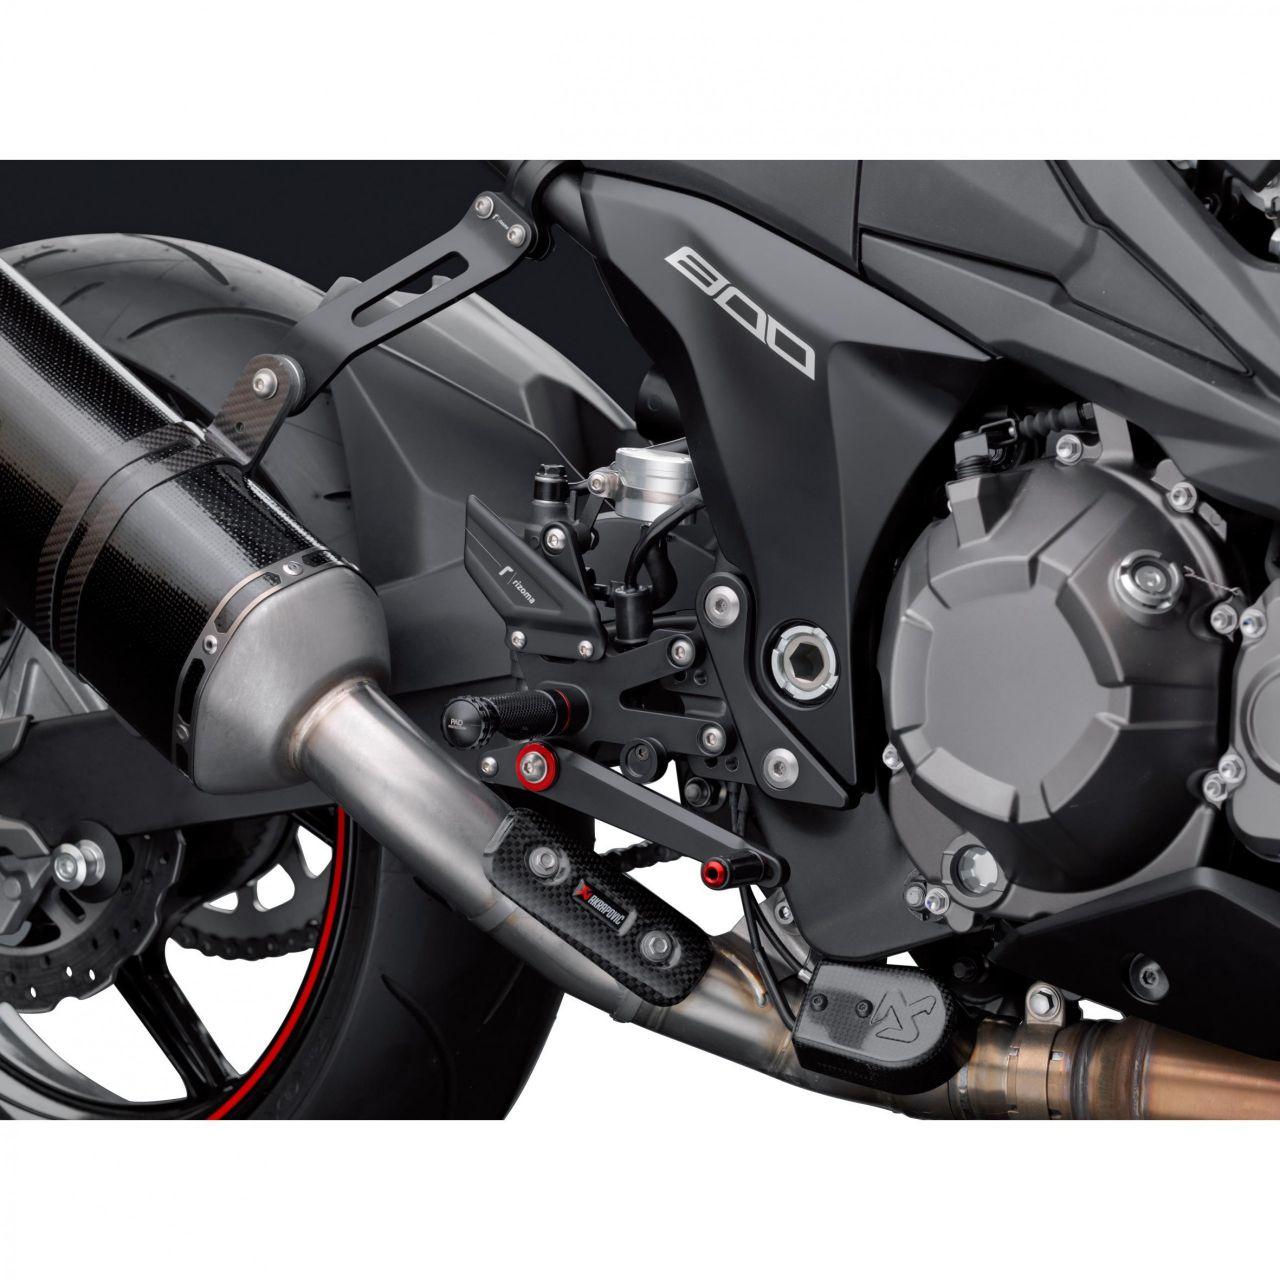 rizoma / リゾマ 正規品 バックステップキットRRC Kawasaki Z800(13-) P&A